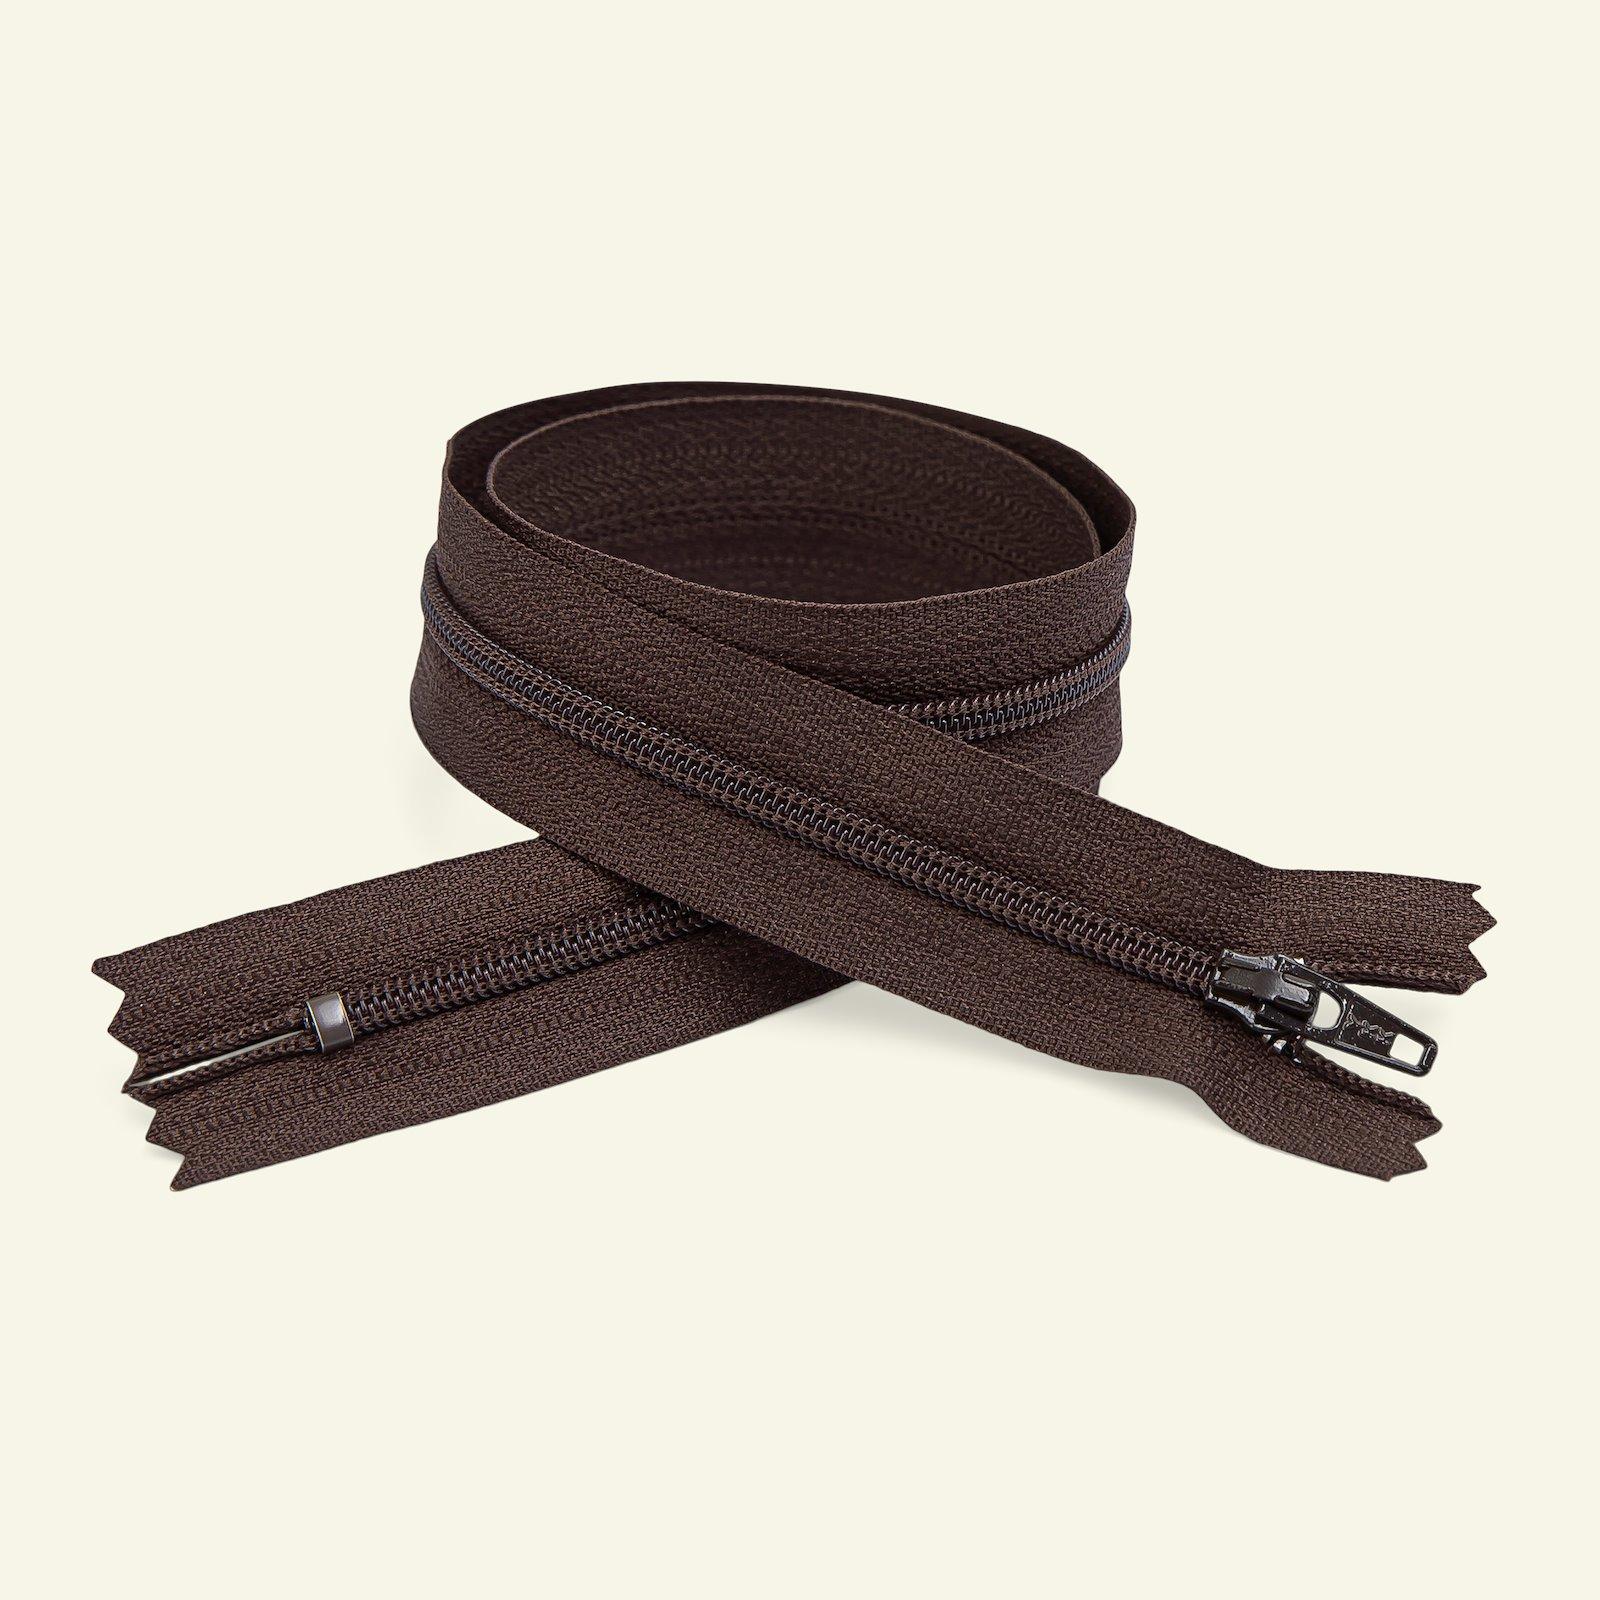 YKK zip 4mm closed end 30cm brown x40537_pack